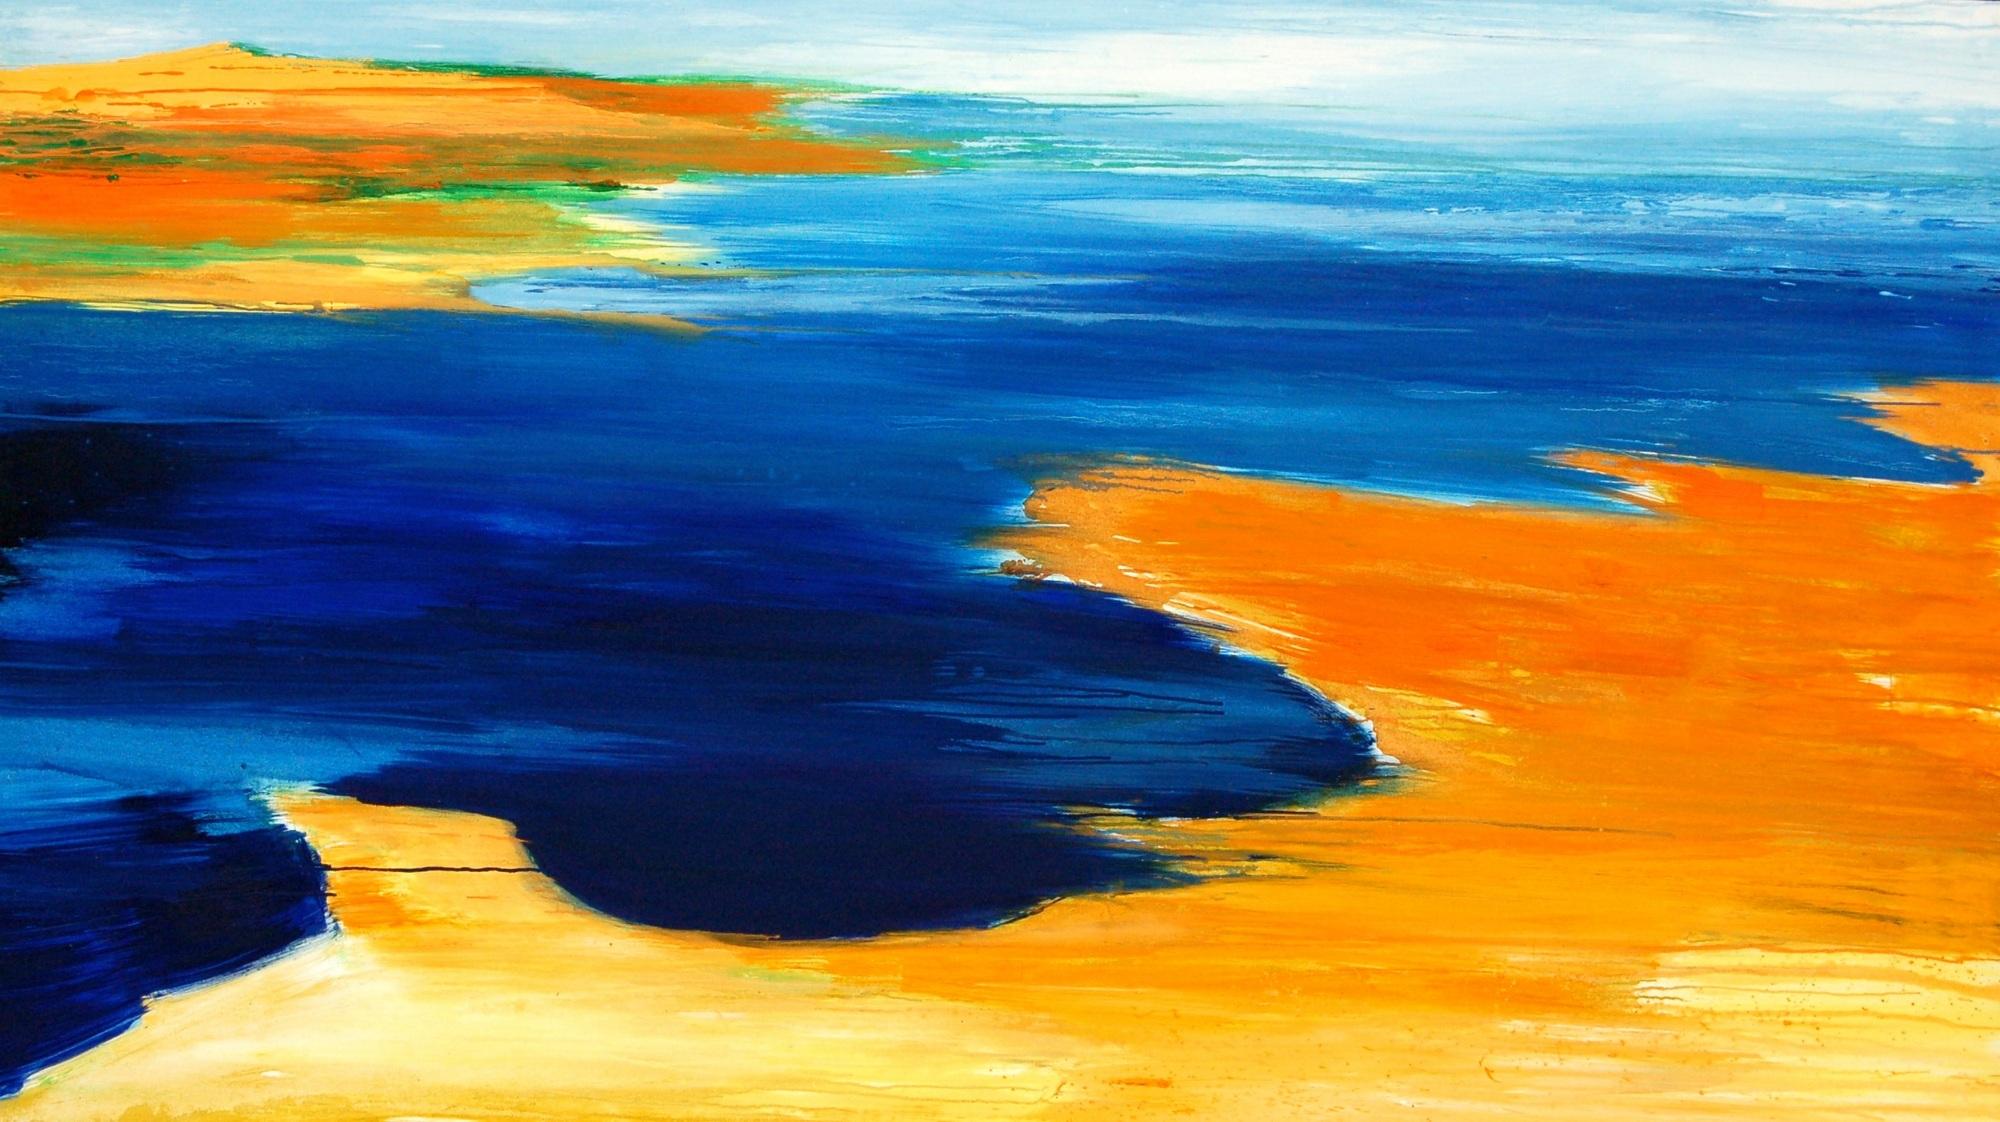 2010 Islanda 150x250cm olio su tela